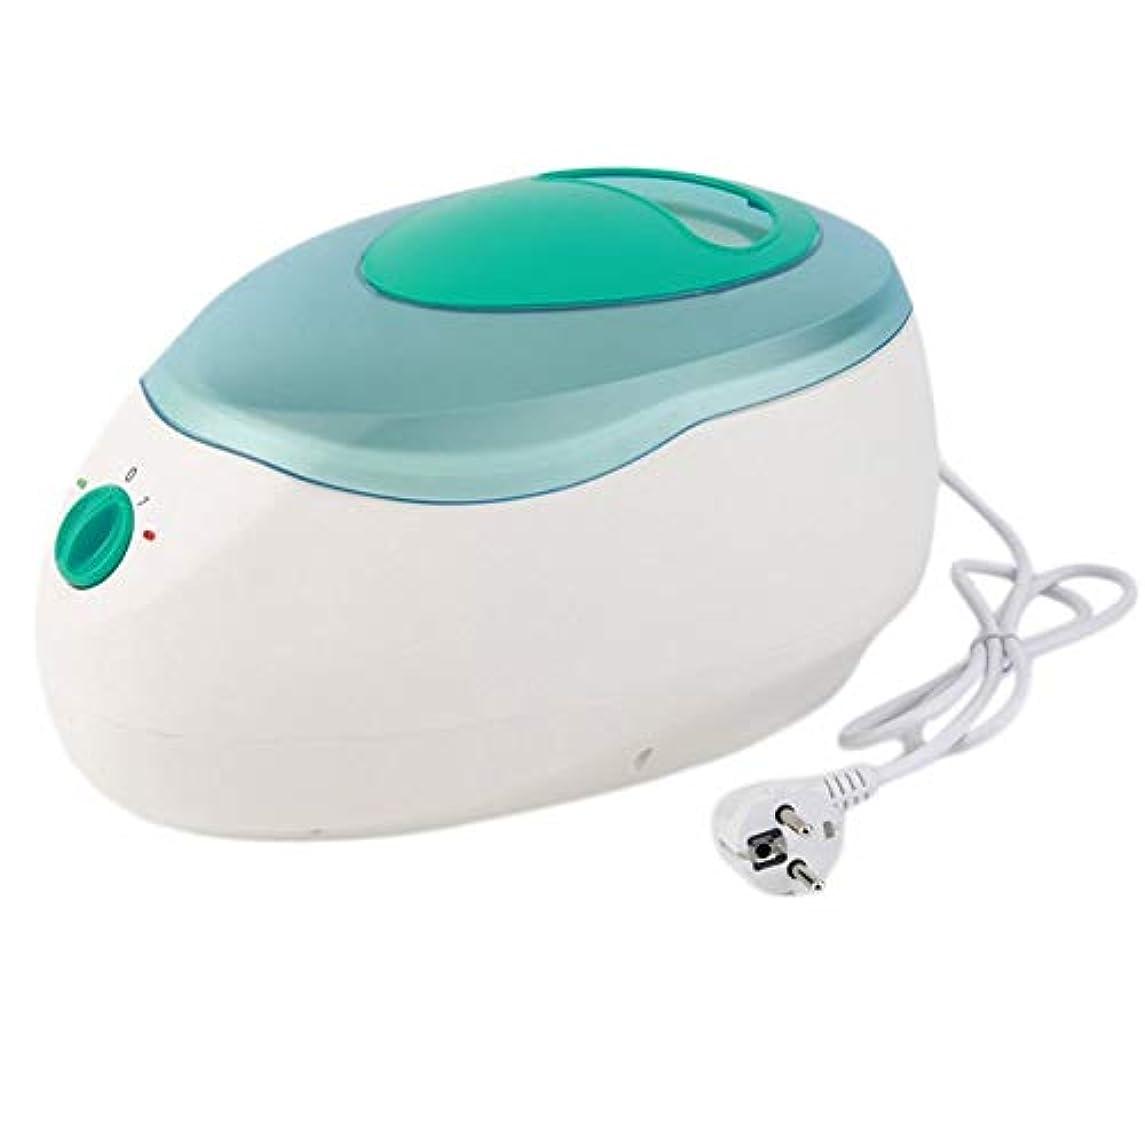 非公式約束する地殻手および足ボディワックスの毛の取り外しのためのワックス機械パラフィン療法の浴のワックスの鍋のウォーマーの美容院装置の鉱泉150W,グリーン